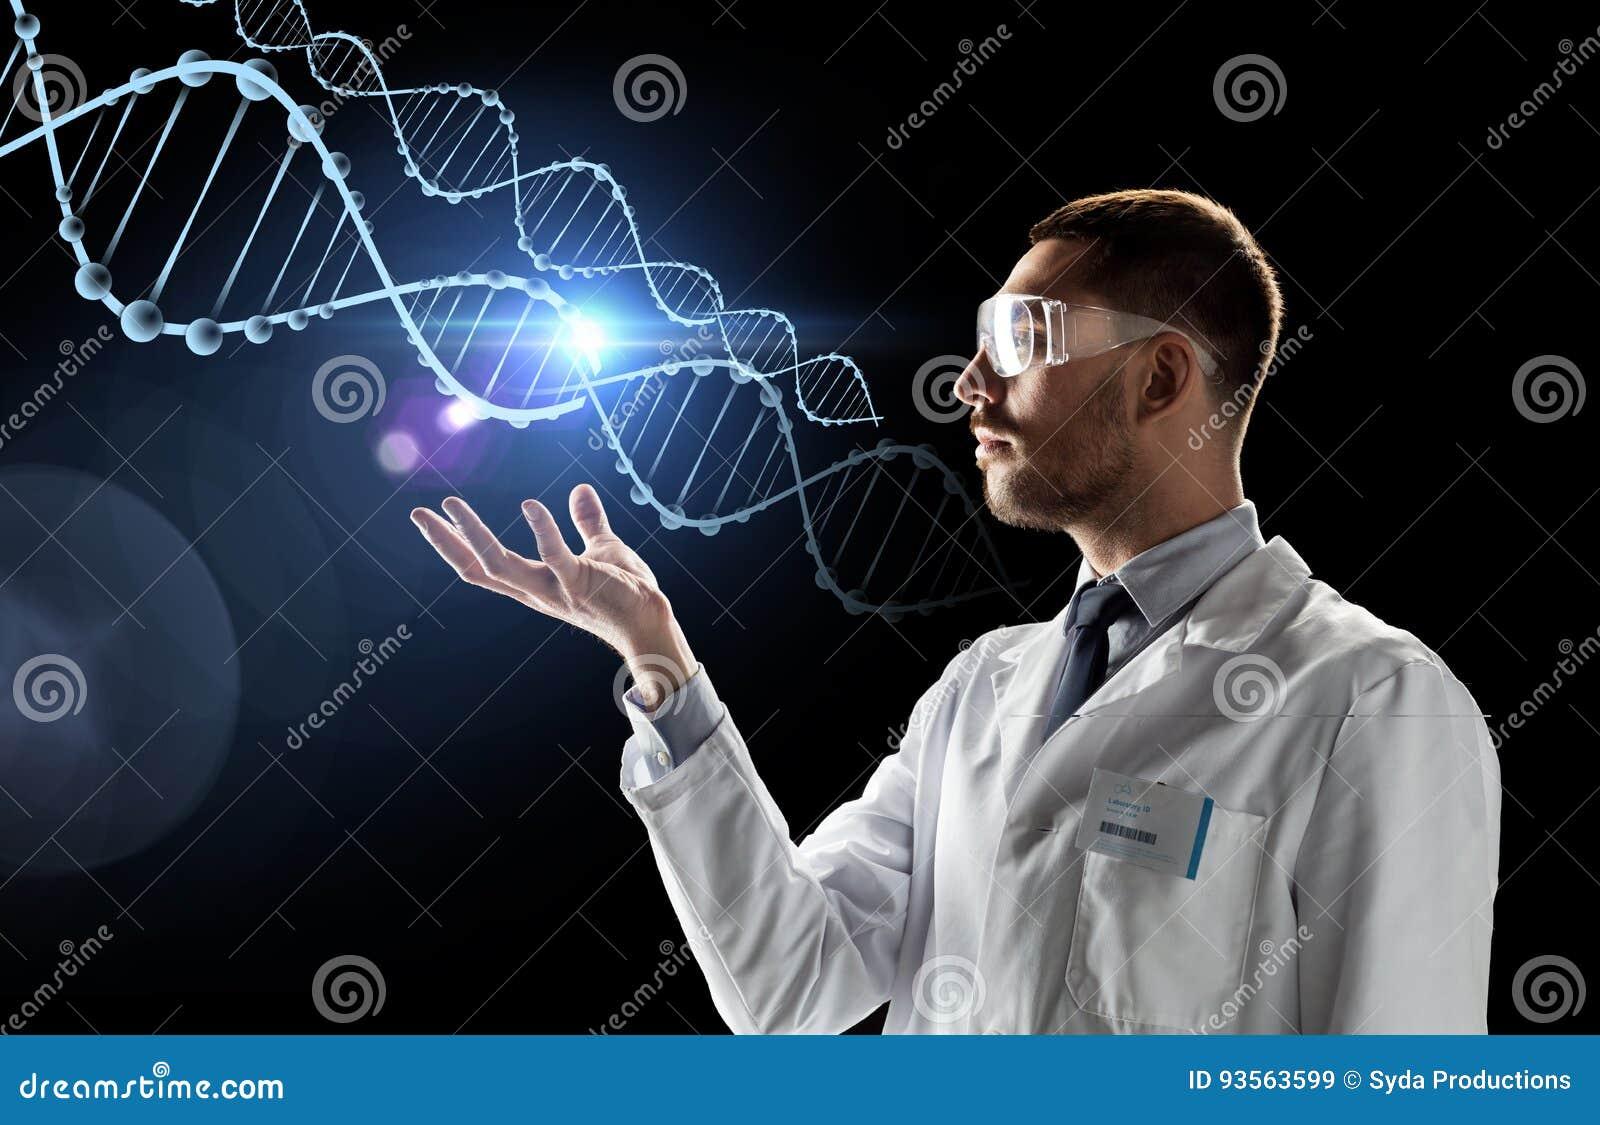 Cientista no revestimento do laboratório e nos vidros de segurança com ADN